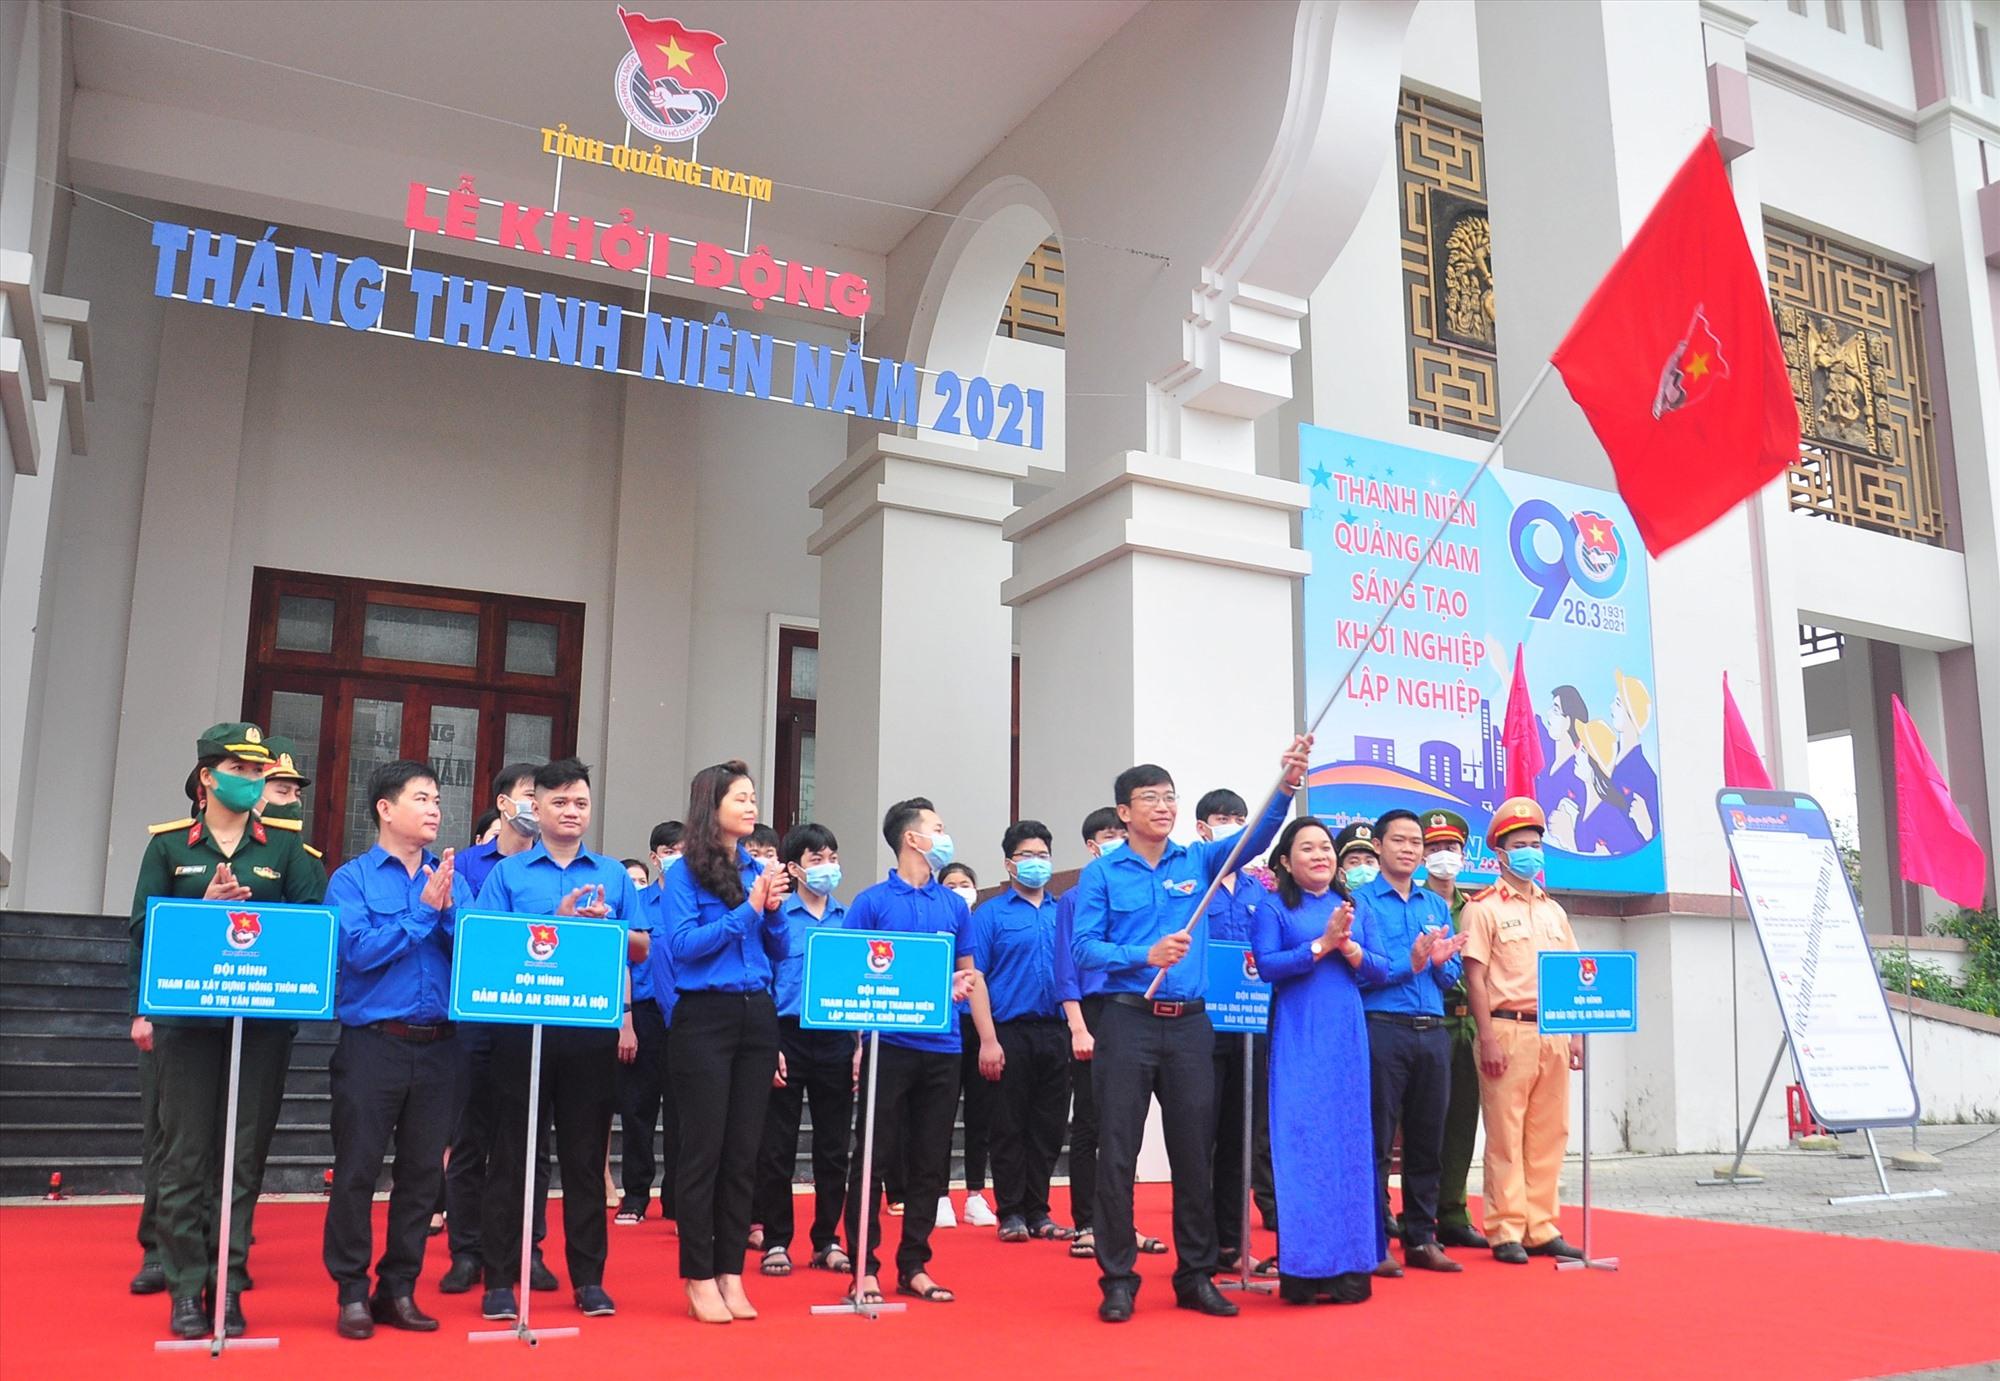 Trưởng ban Dân vận Tỉnh ủy Huỳnh Thị Thùy Dung trao cờ xuất quân Tháng thanh niên năm 2021. Ảnh: VINH ANH